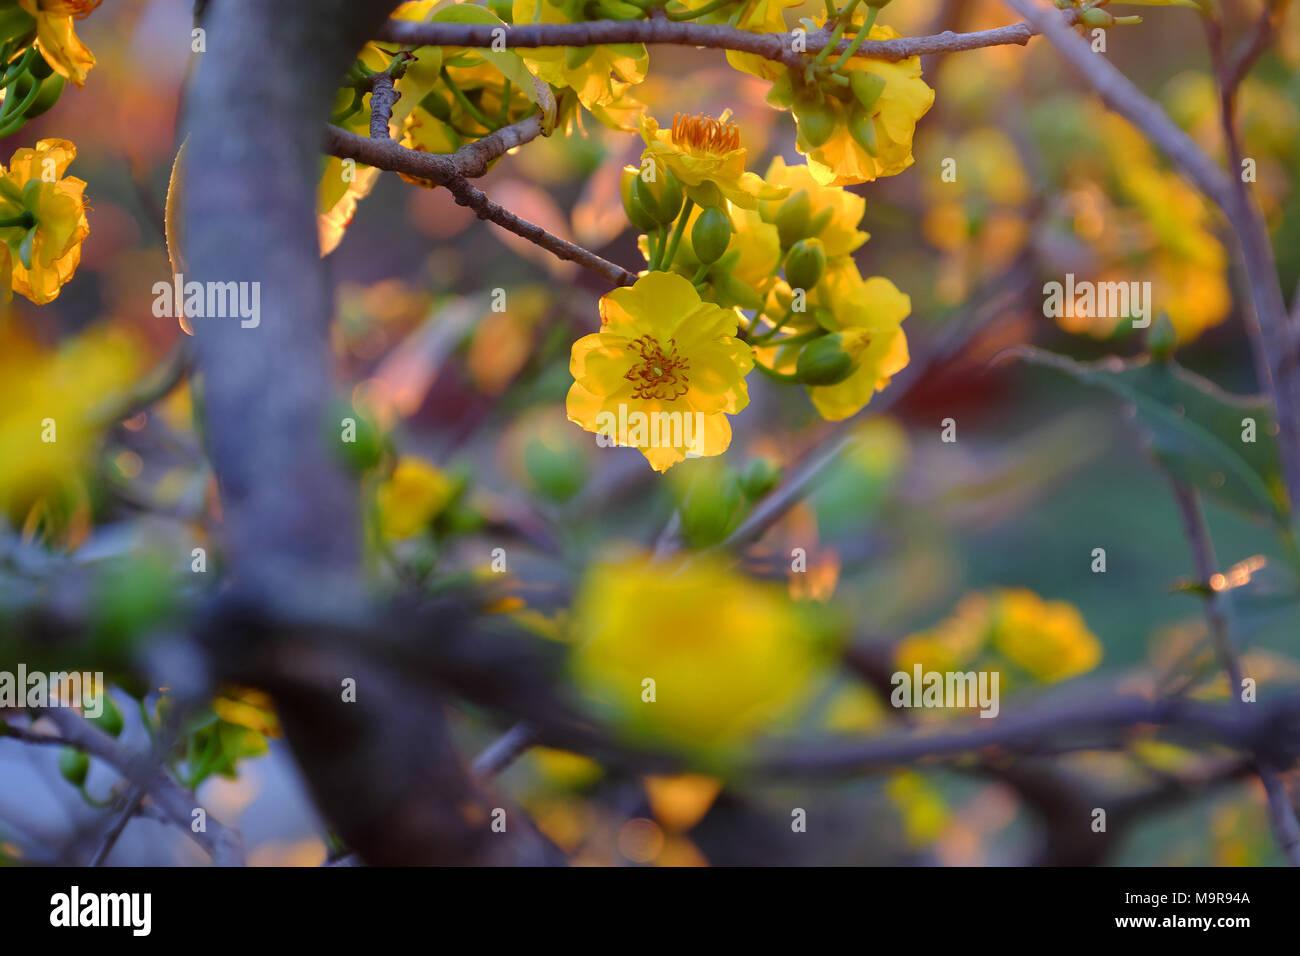 Close Up Of Yellow Apricot Blossom Sur Branche D Arbre A Marche Aux